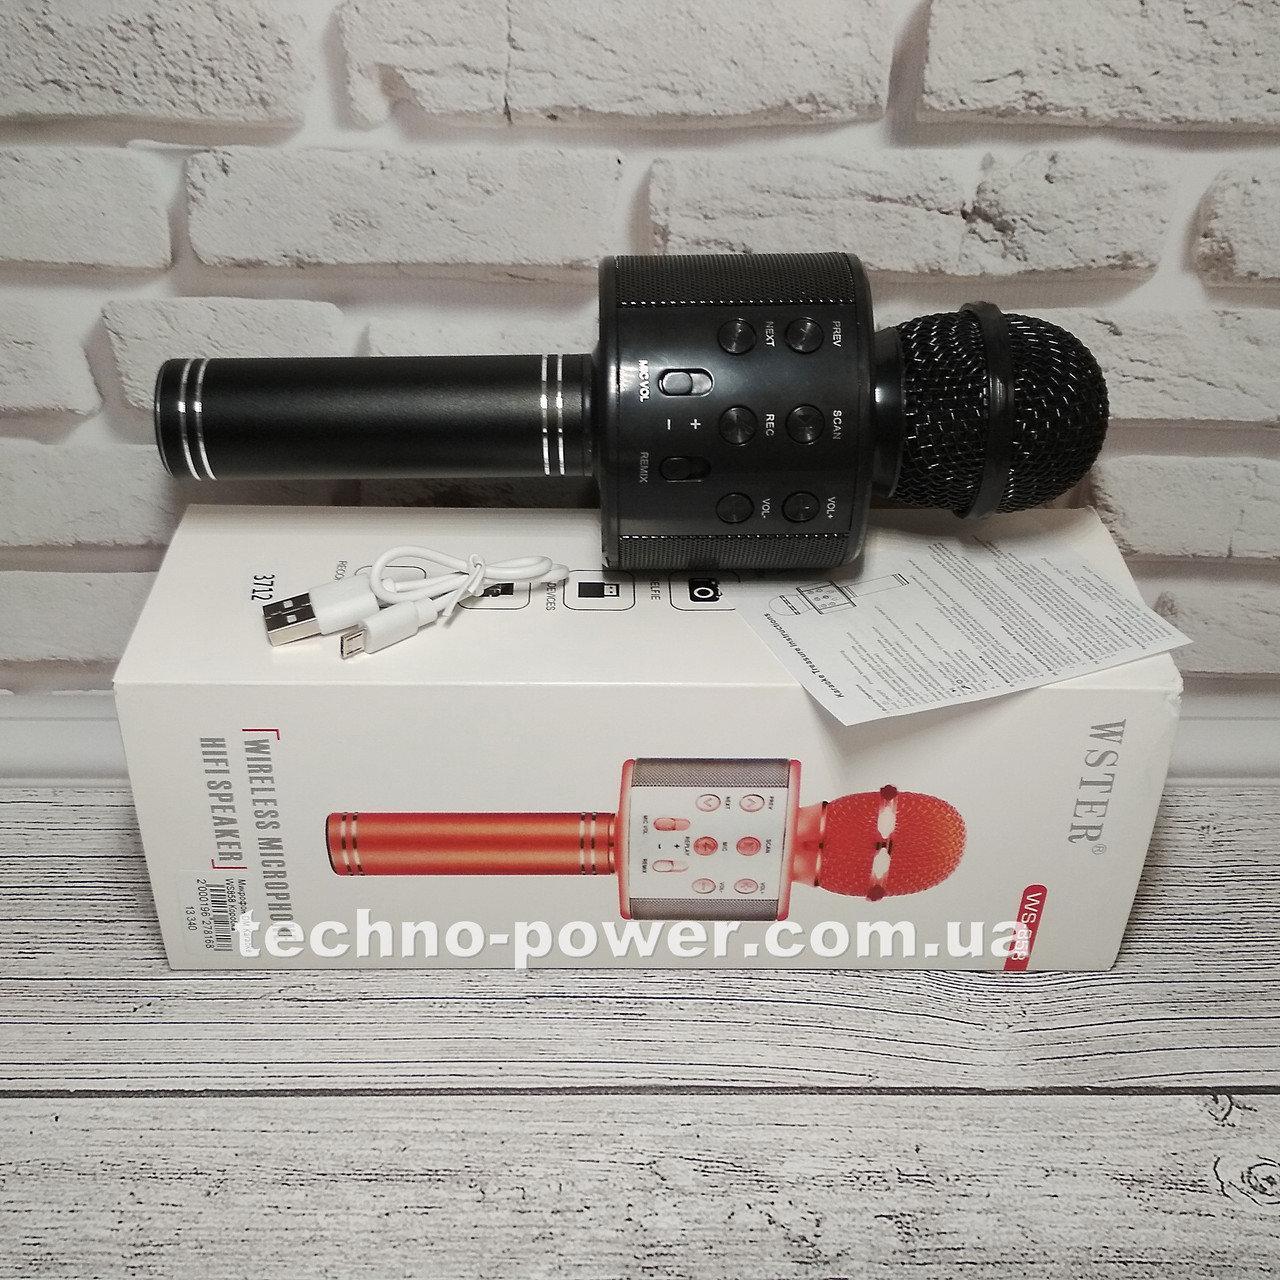 Караоке-микрофон bluetooth WS858. Портативный блютуз караоке микрофон